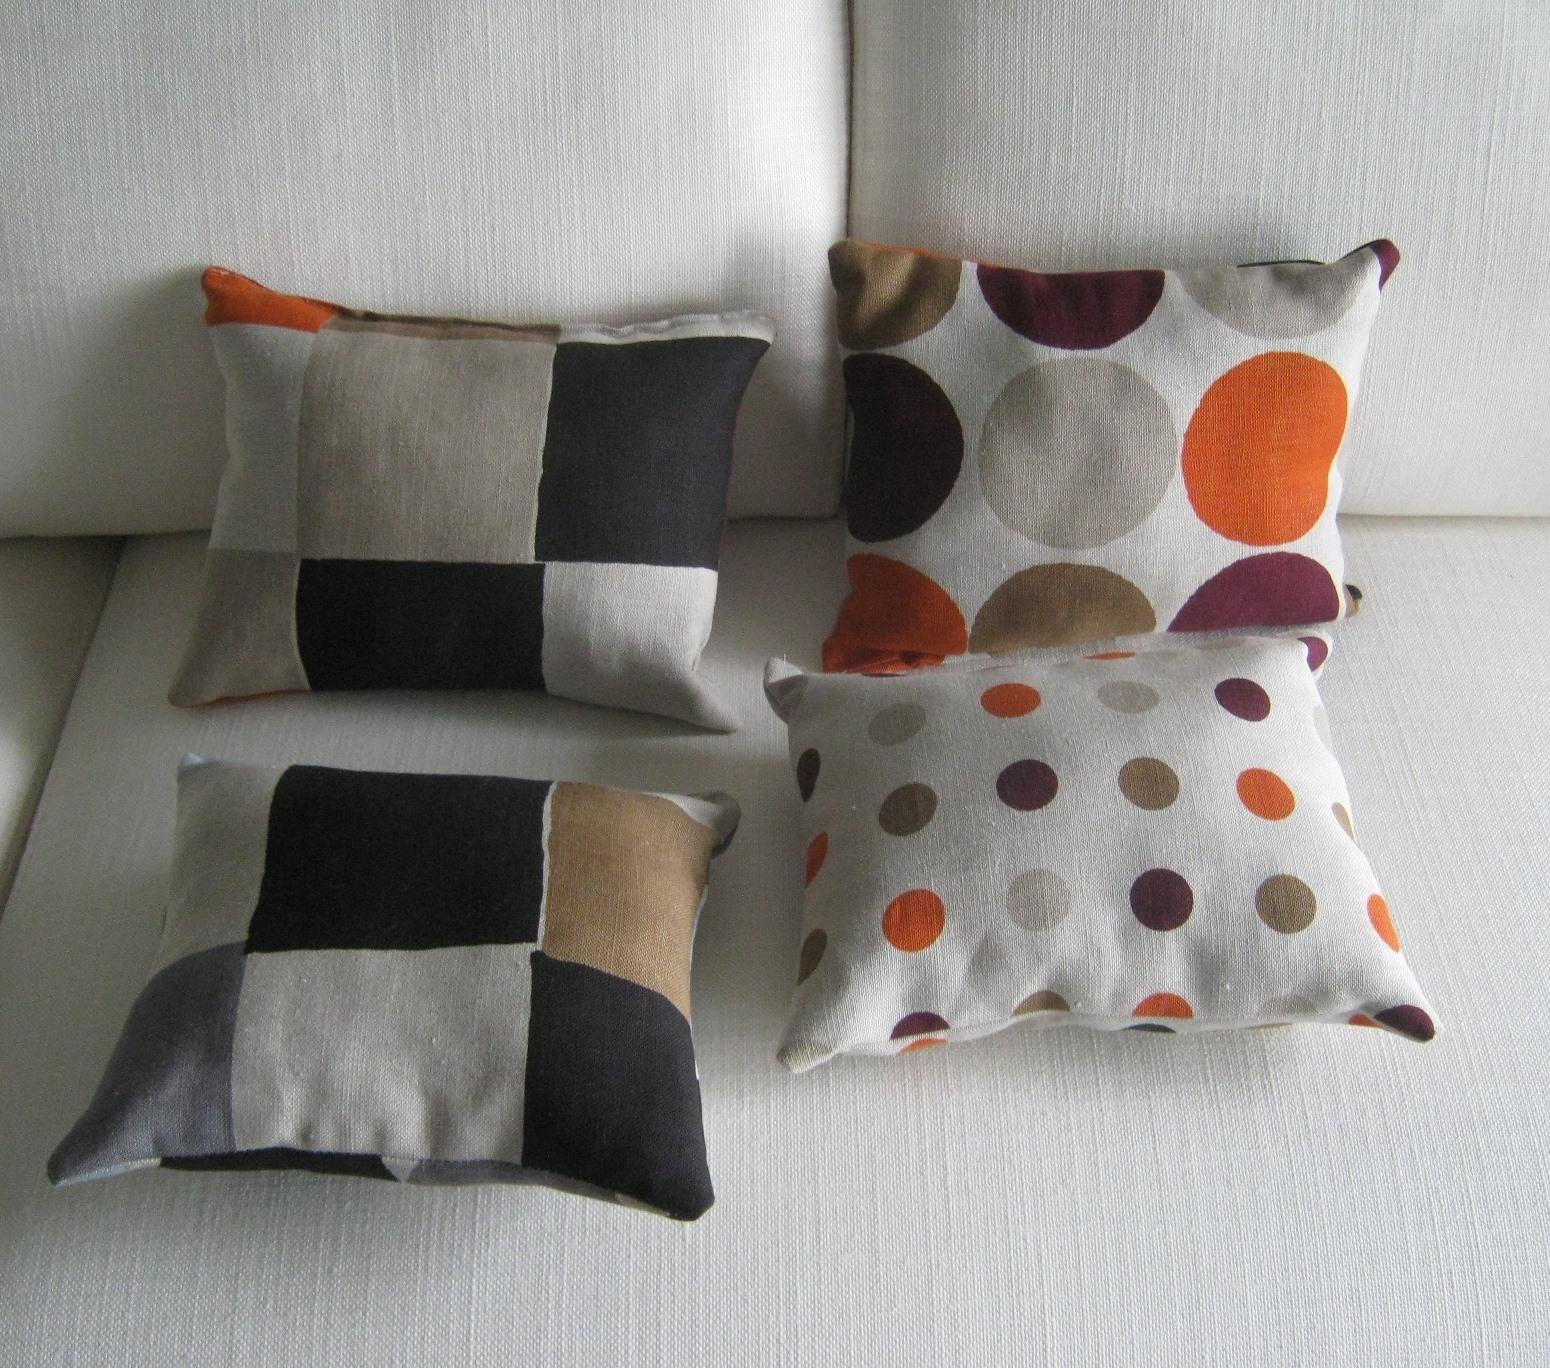 Divano b b cuscini per divano b b italia divani divani a prezzi scontati - Divano letto b b italia ...